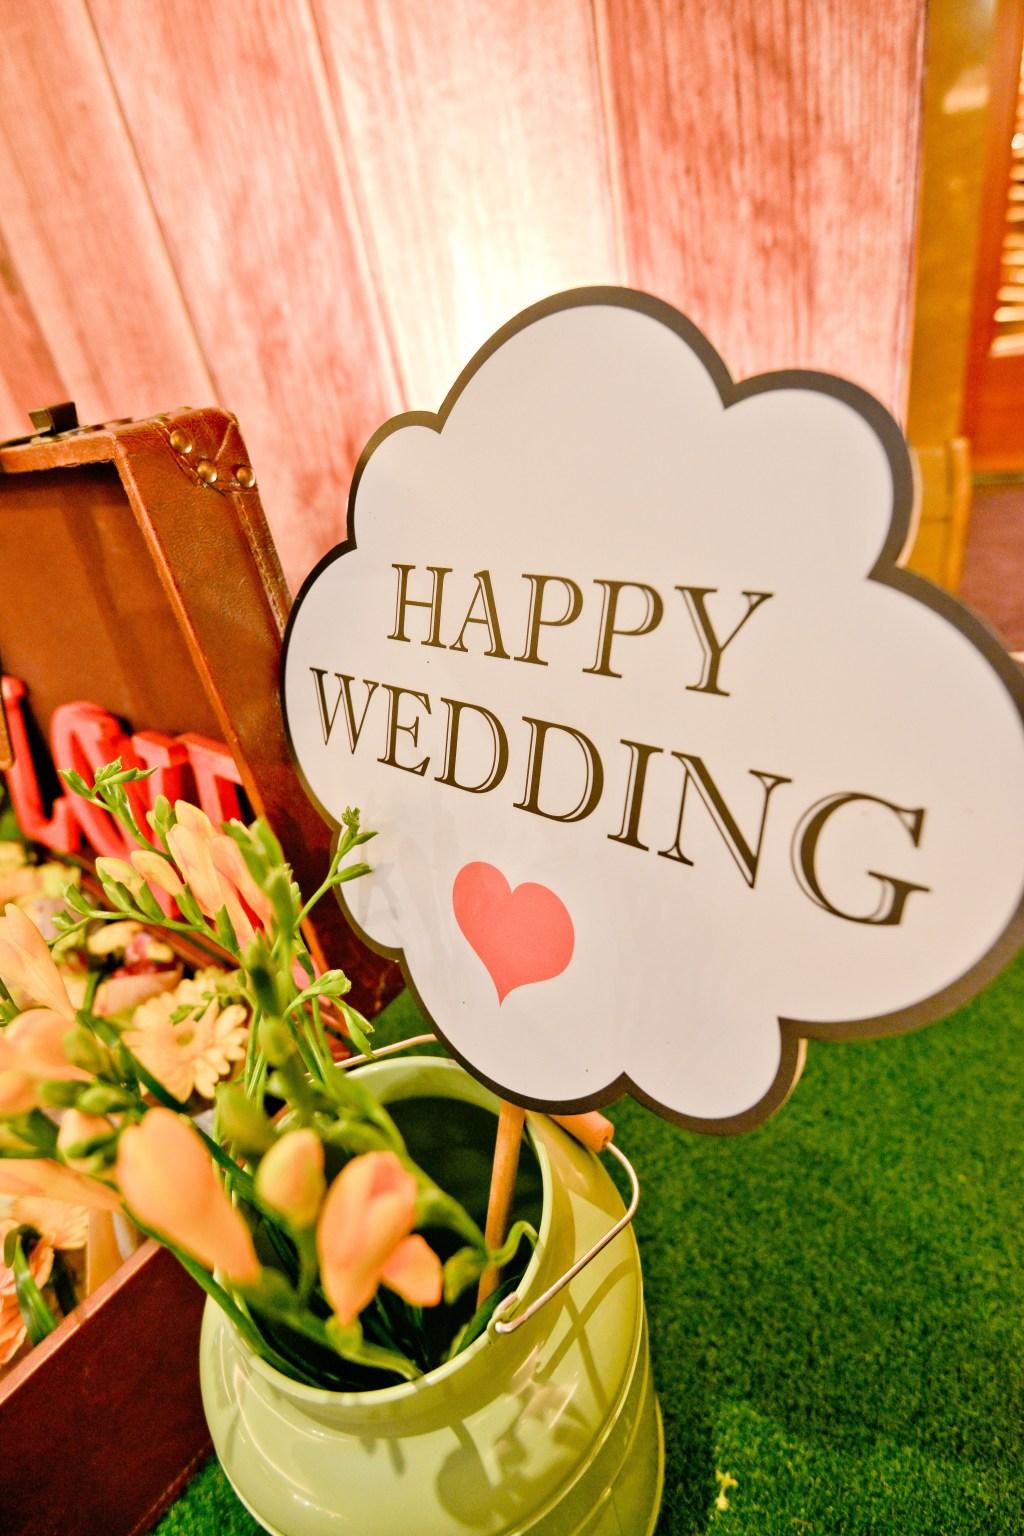 婚攝推薦  婚禮小物    婚禮攝影 婚禮小物推薦